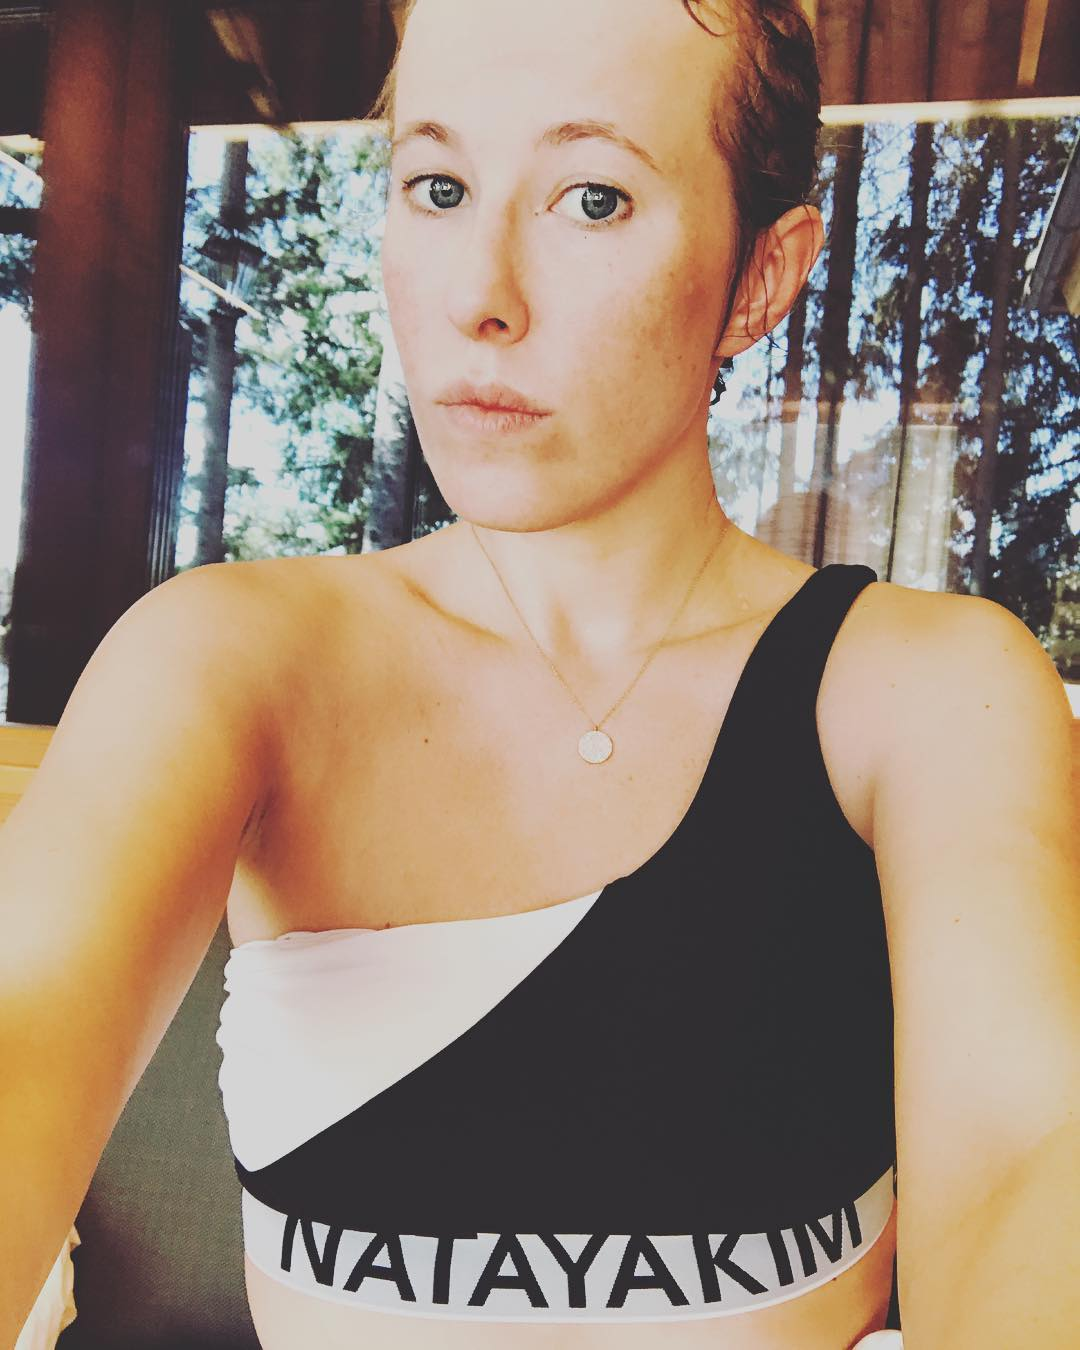 """Ксения Собчак: Забыла уже это первое ощущение питерской девушки """"на Рублевке"""" :""""Что? Это и есть ваш унылый московский загород? А где вода,где море? Где песчаная гряда? """" Вот что уникально под Питером,так это Репино,Финский залив и Озера,озера,озе..."""